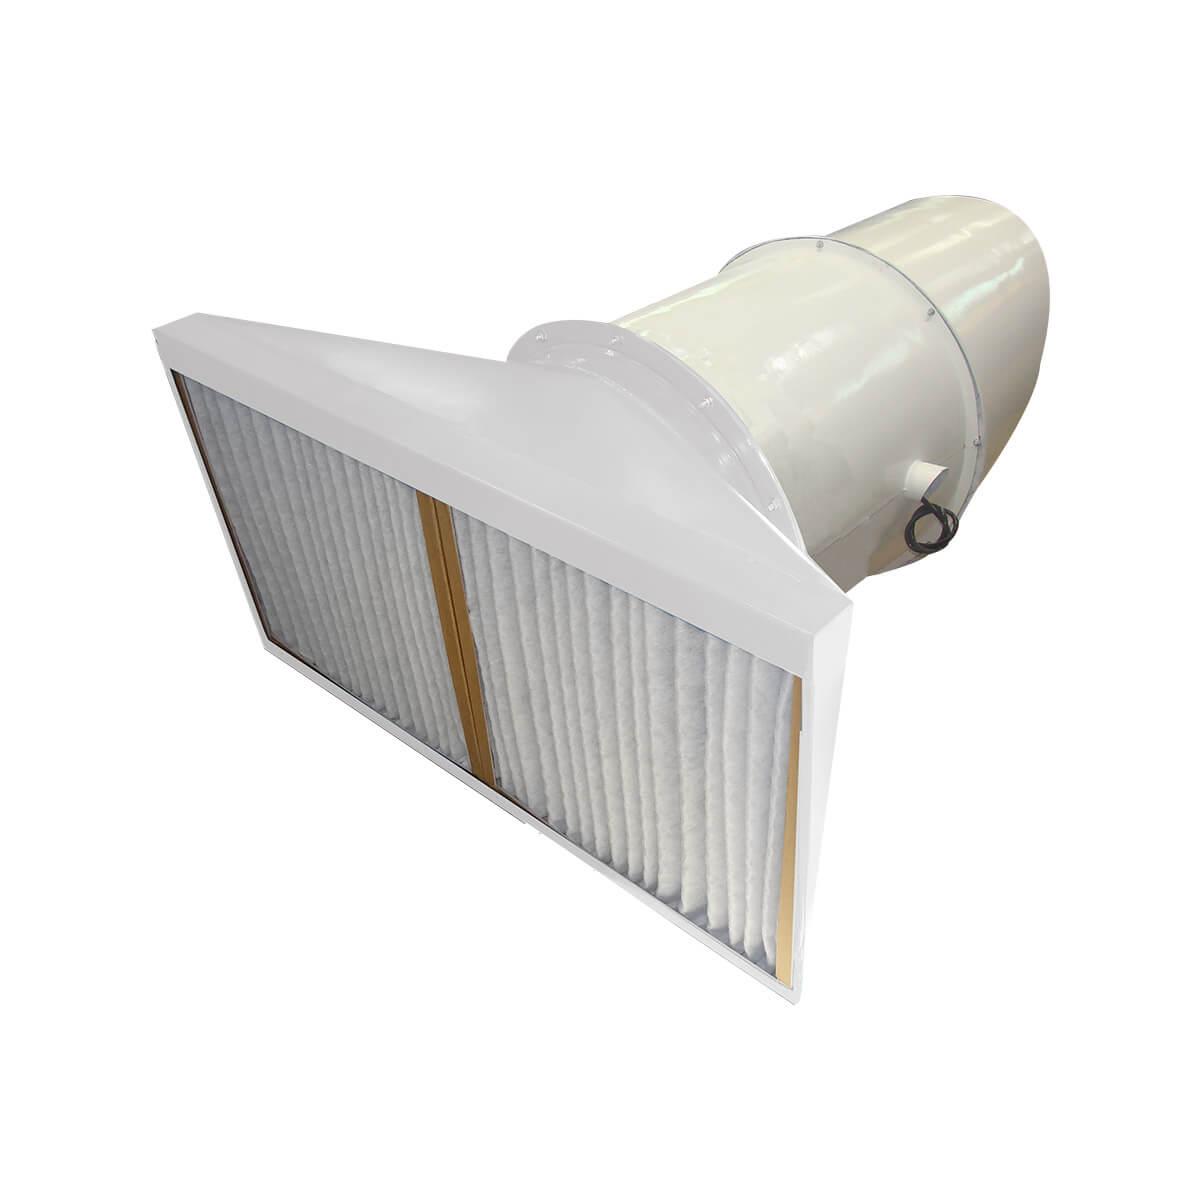 Exaustor com filtro para Gases Corrosivos